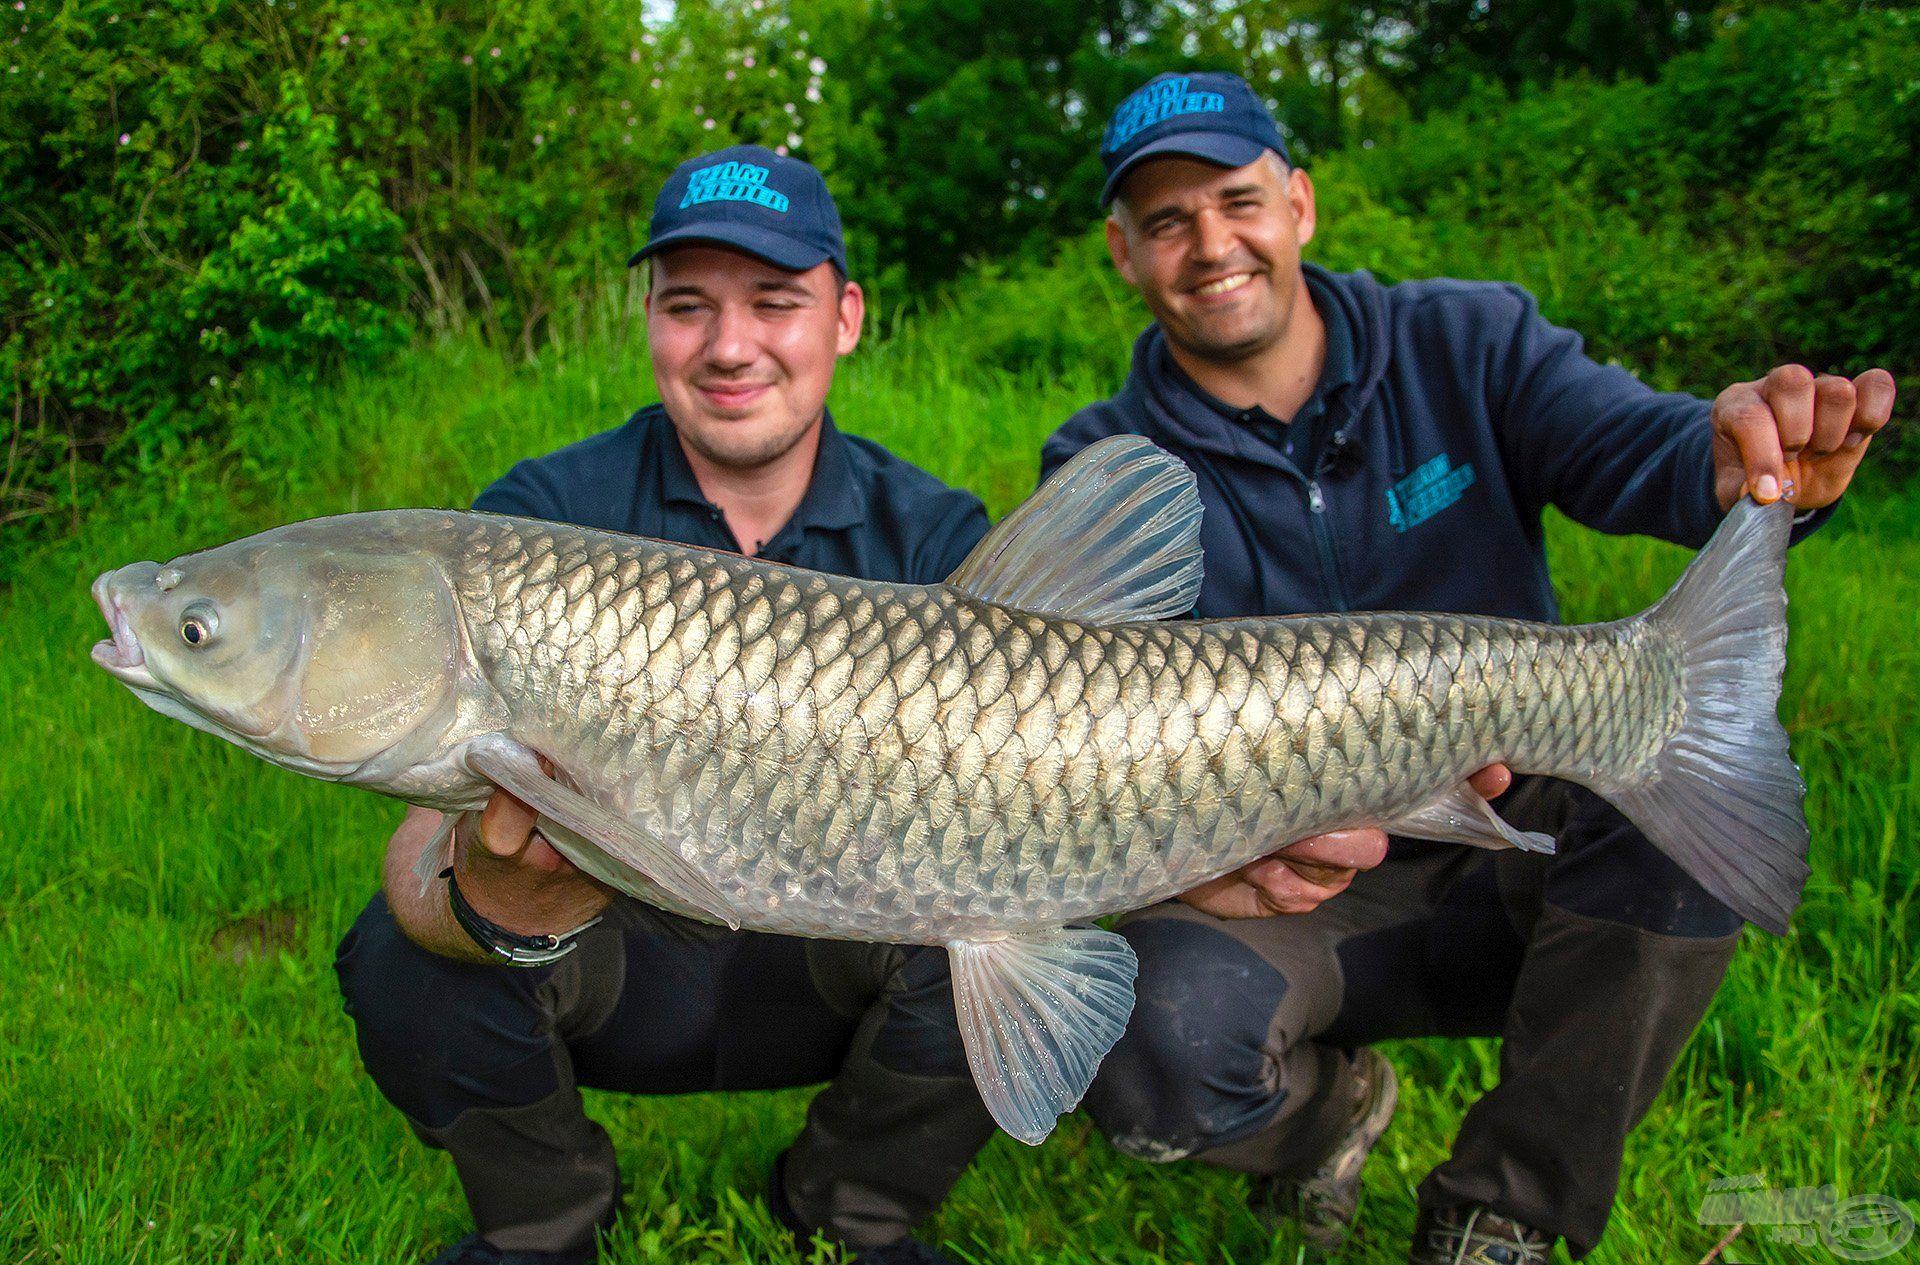 Nagyon örültünk neki, ráadásul ez a példány a horgászat legnagyobb amurja lett!